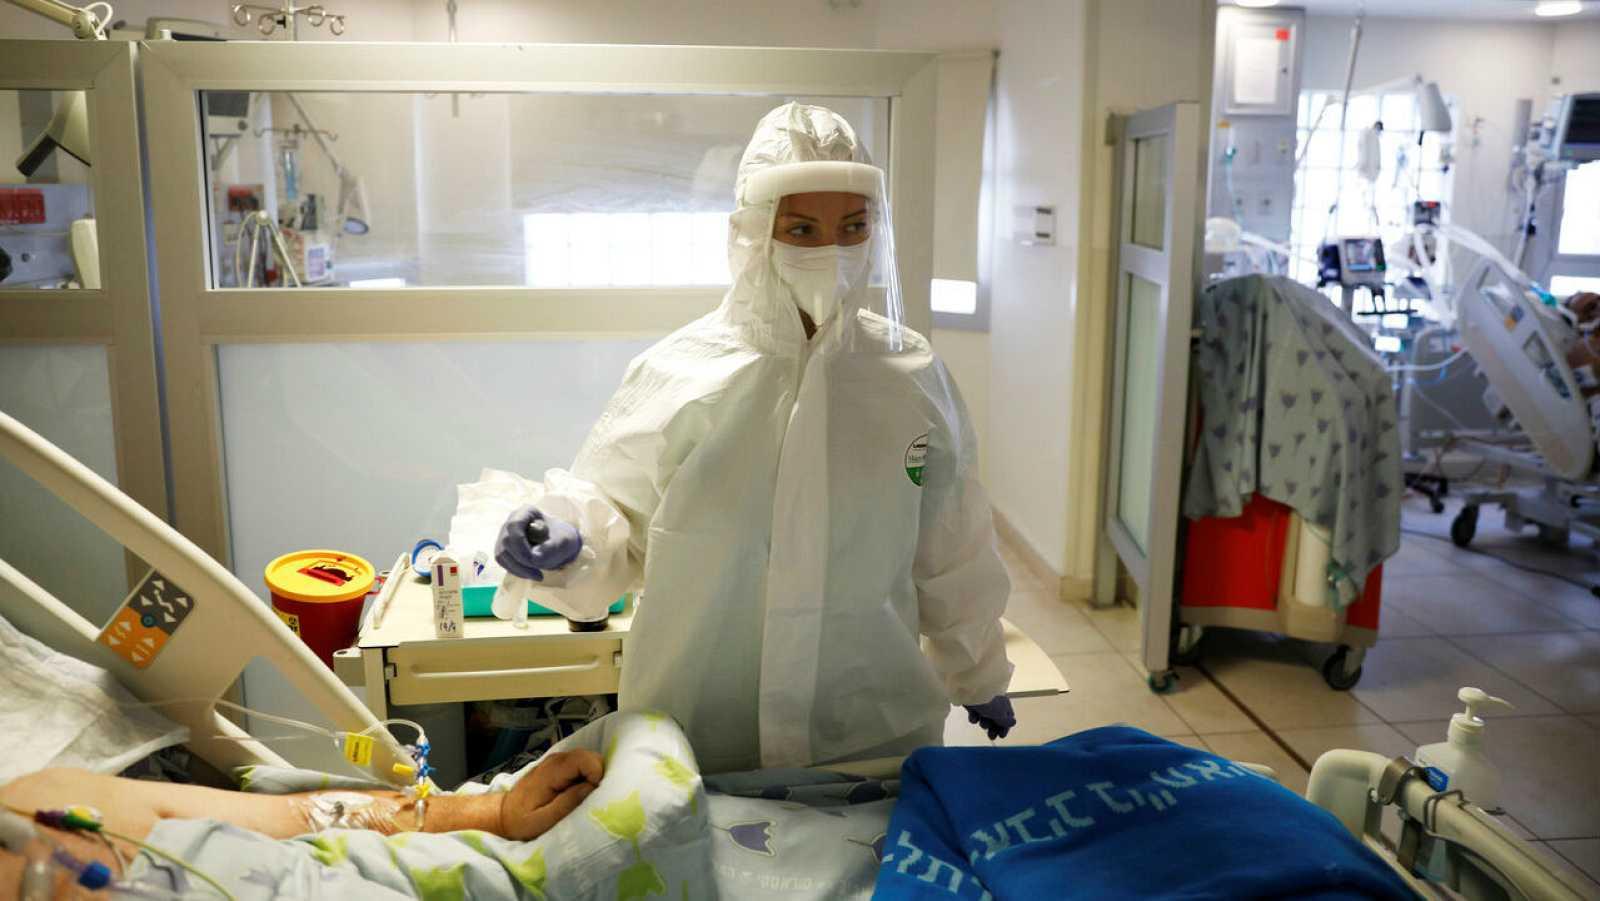 Un miembro del personal del hospital brinda atención médica a un paciente enfermo de coronavirus COVID-19 en un Hospital de Tel Aviv, Israel.